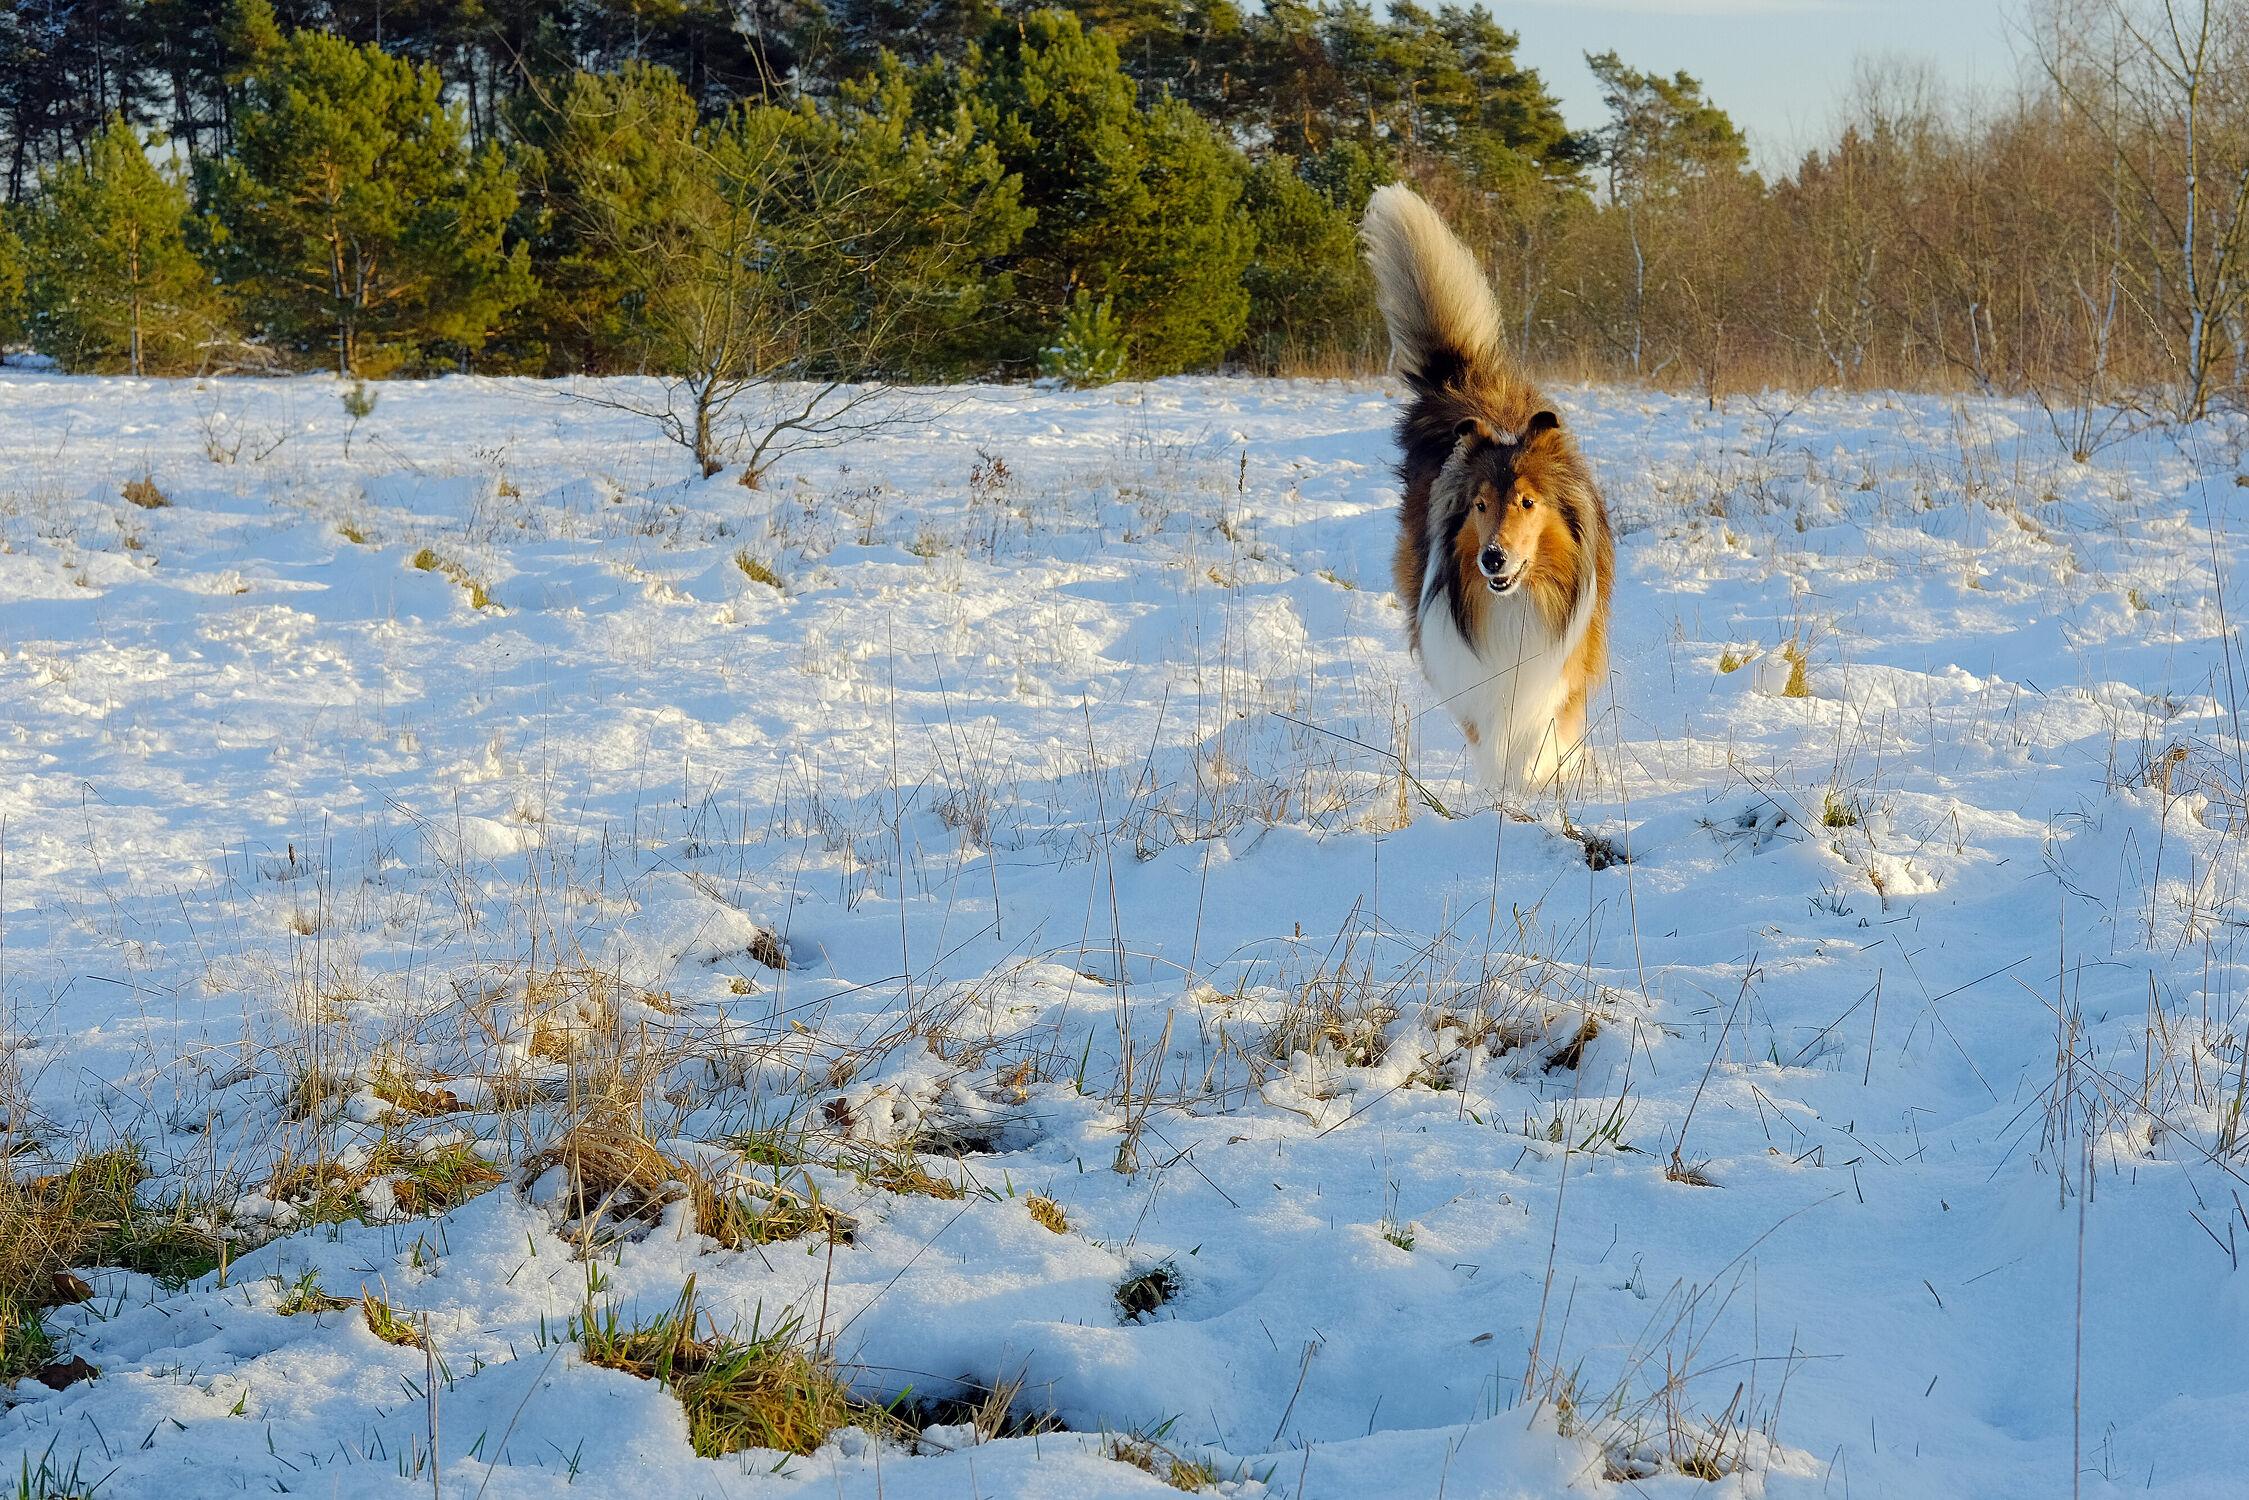 Bild mit Bäume, Winter, Schnee, Schnee, Sonne, Hund, Wildernd, Anleinpflicht, Kargland, Freilaufend